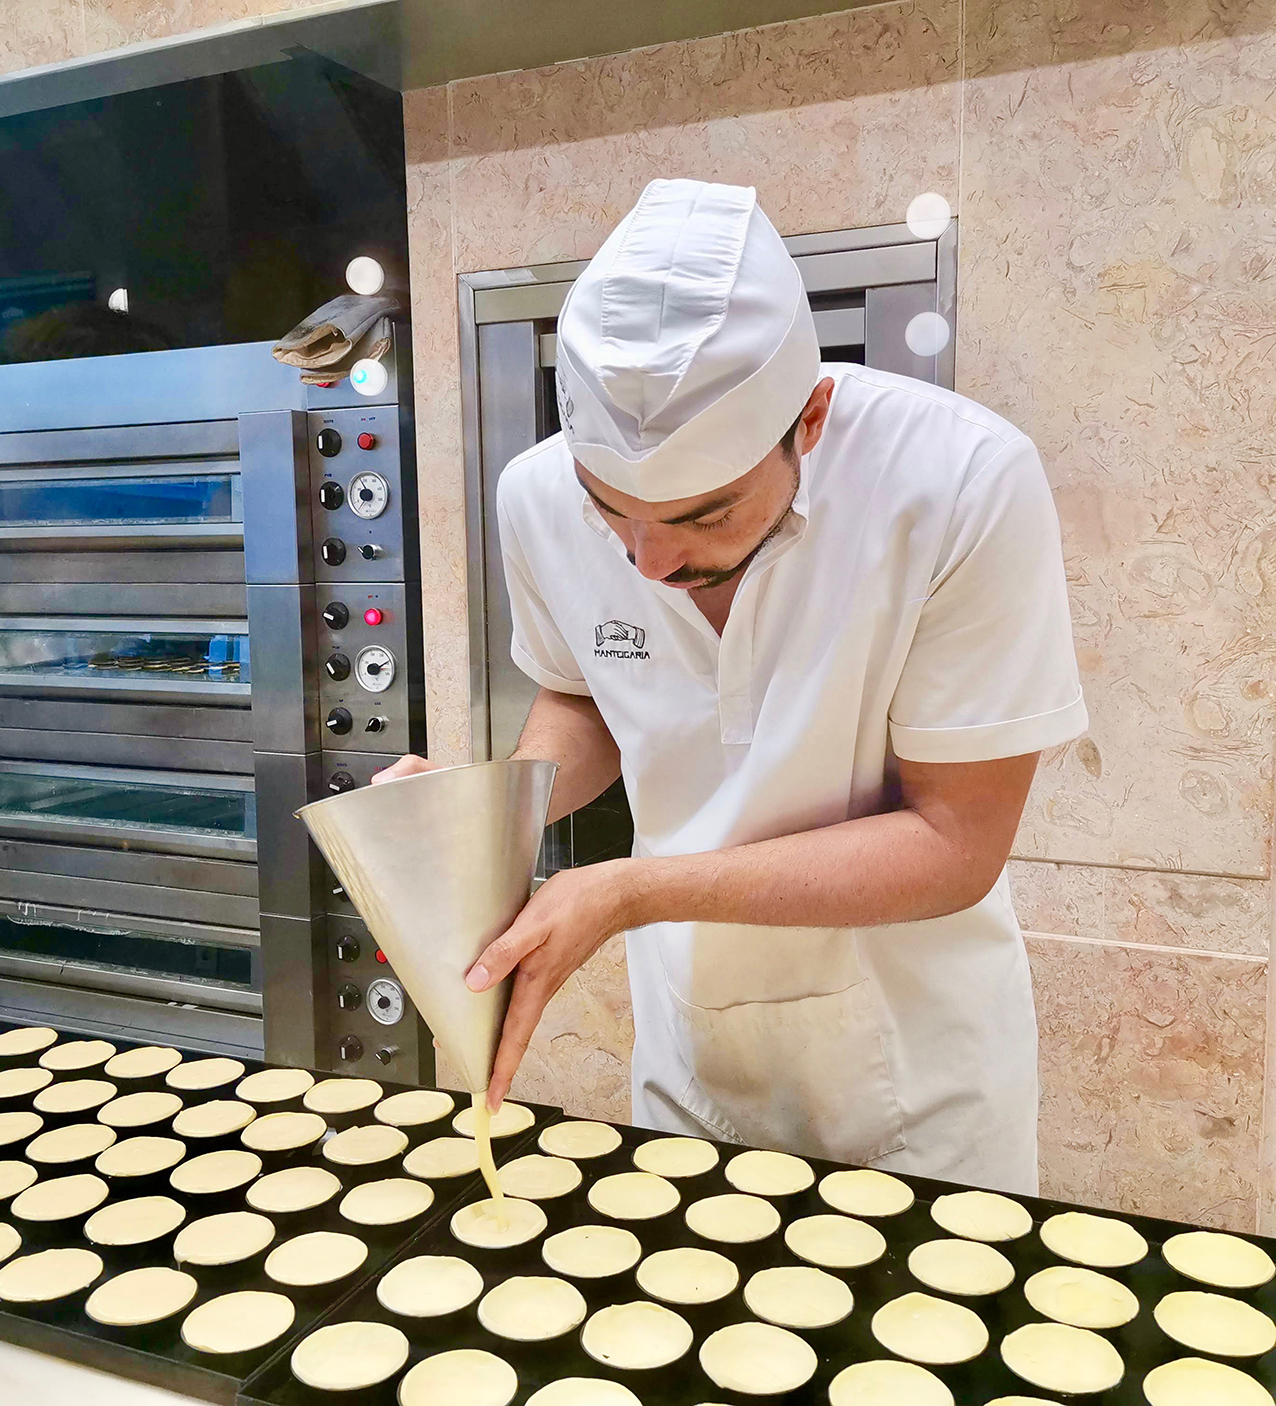 manteigaria 2 © elsa pereira